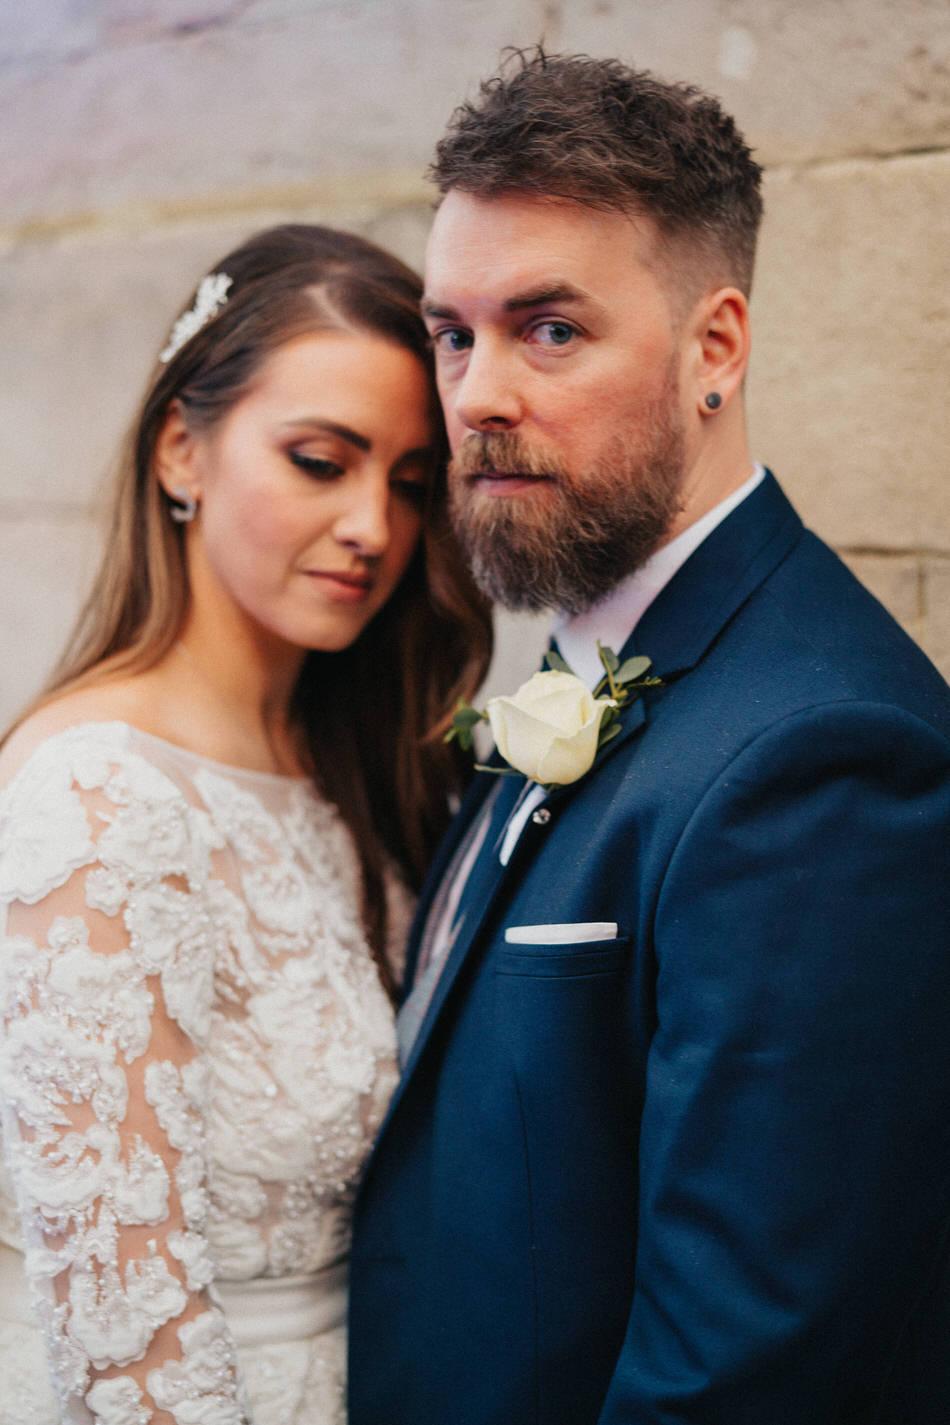 City-hall-dublin-wedding-photos-69 68